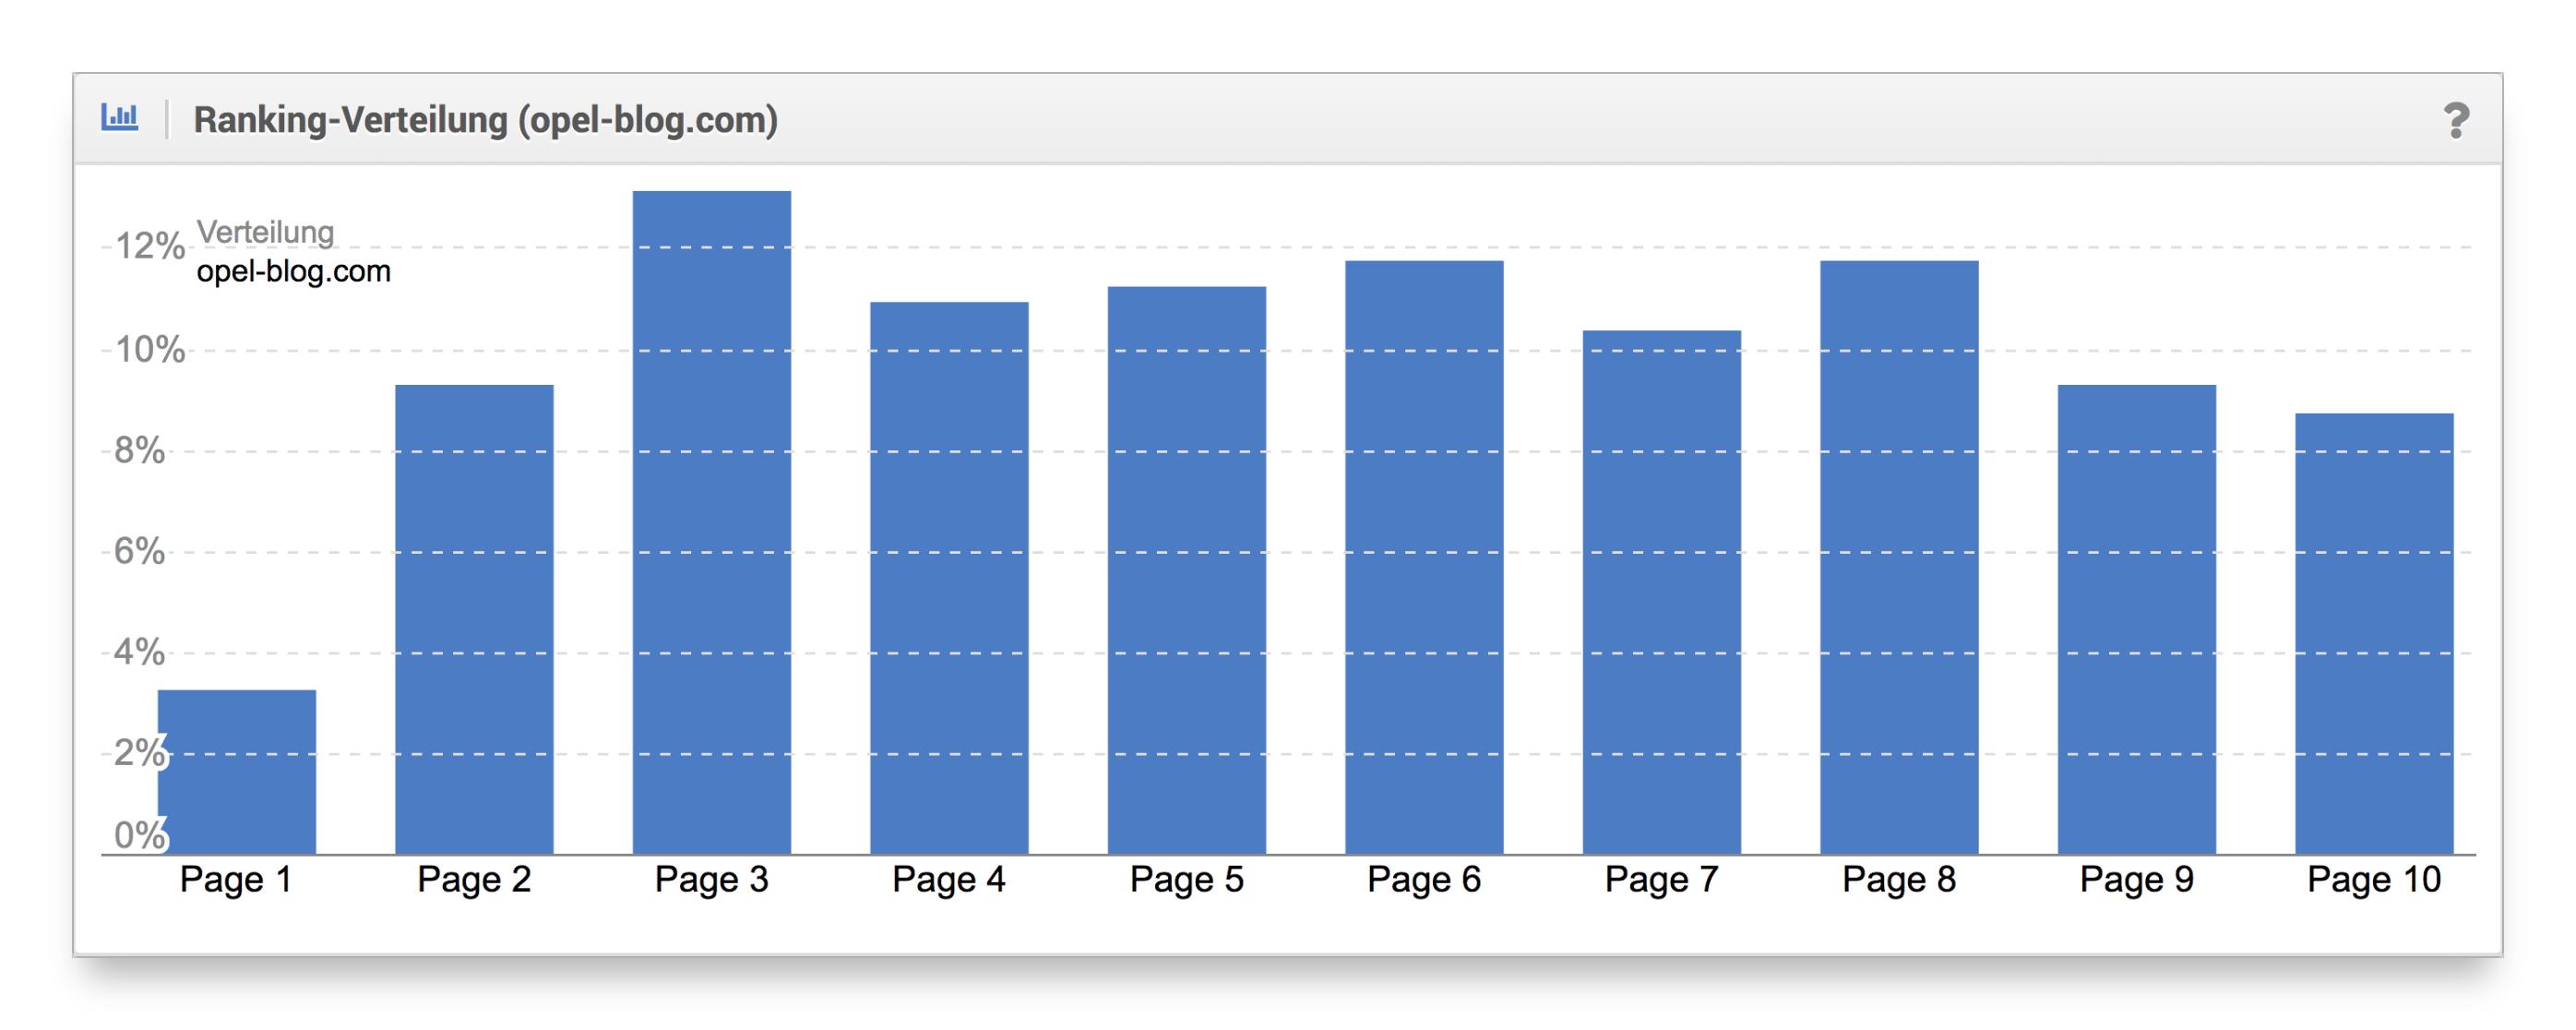 Ranking-Verteilung Blog Opel